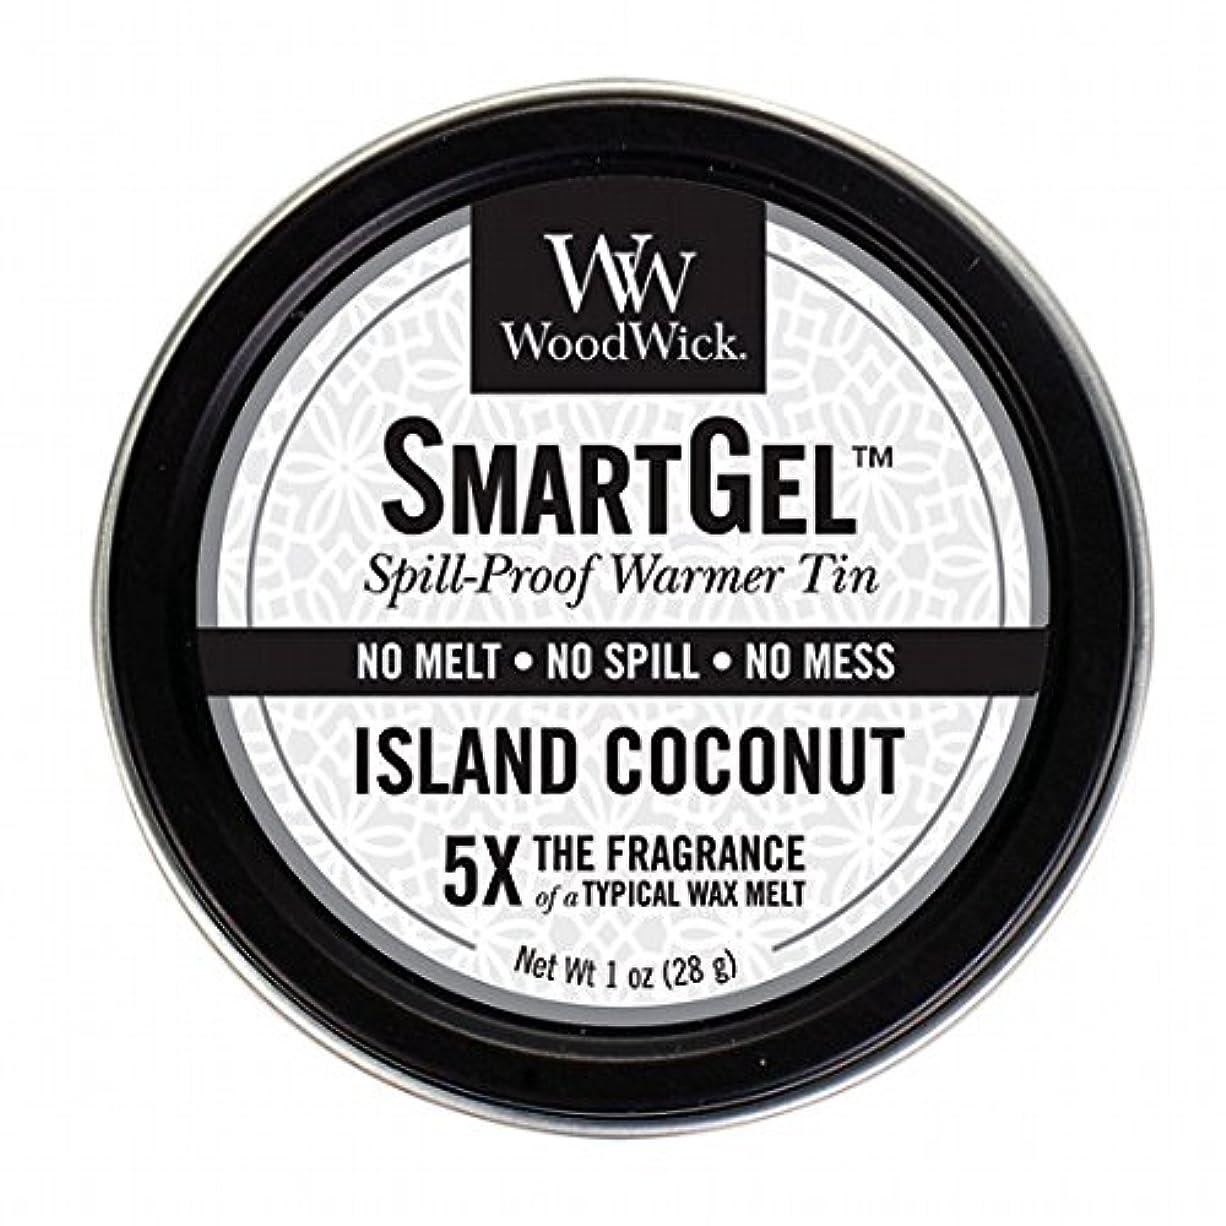 指令月コメントウッドウィック( WoodWick ) Wood Wickスマートジェル 「 アイランドココナッツ 」 W9630560